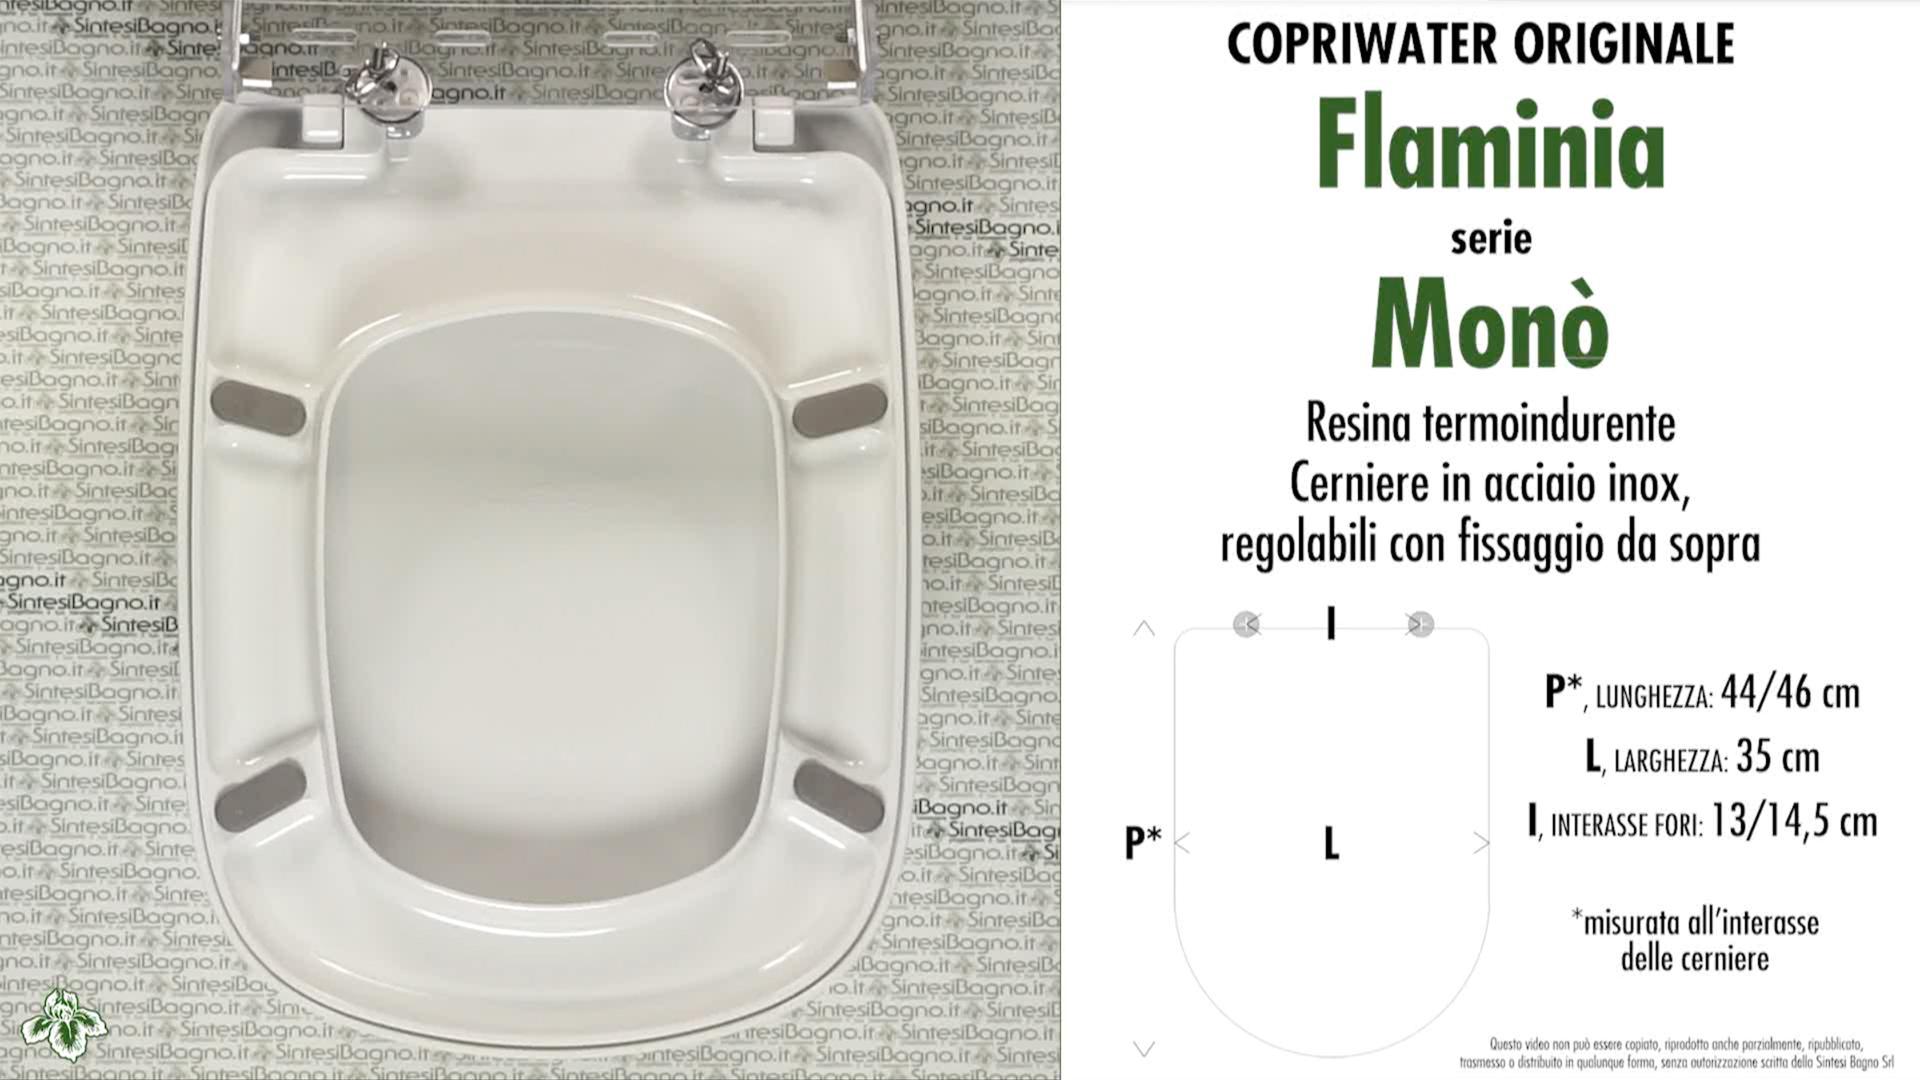 SCHEDA TECNICA MISURE copriwater FLAMINIA MONO'